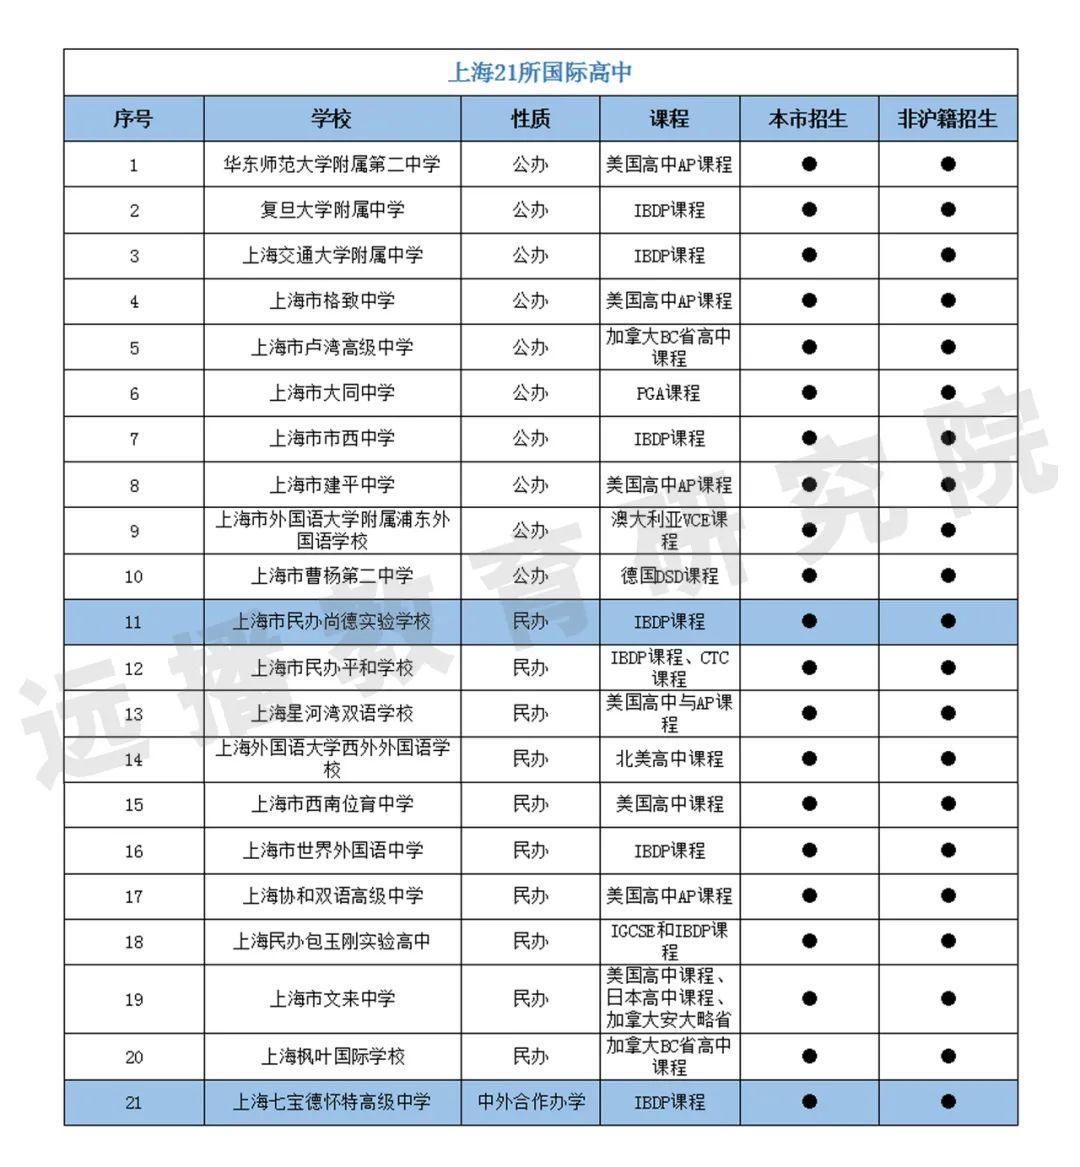 抽样:选择国际学校的上海家长,其工作、教育背景及家庭收入  数据 国际学校 第16张